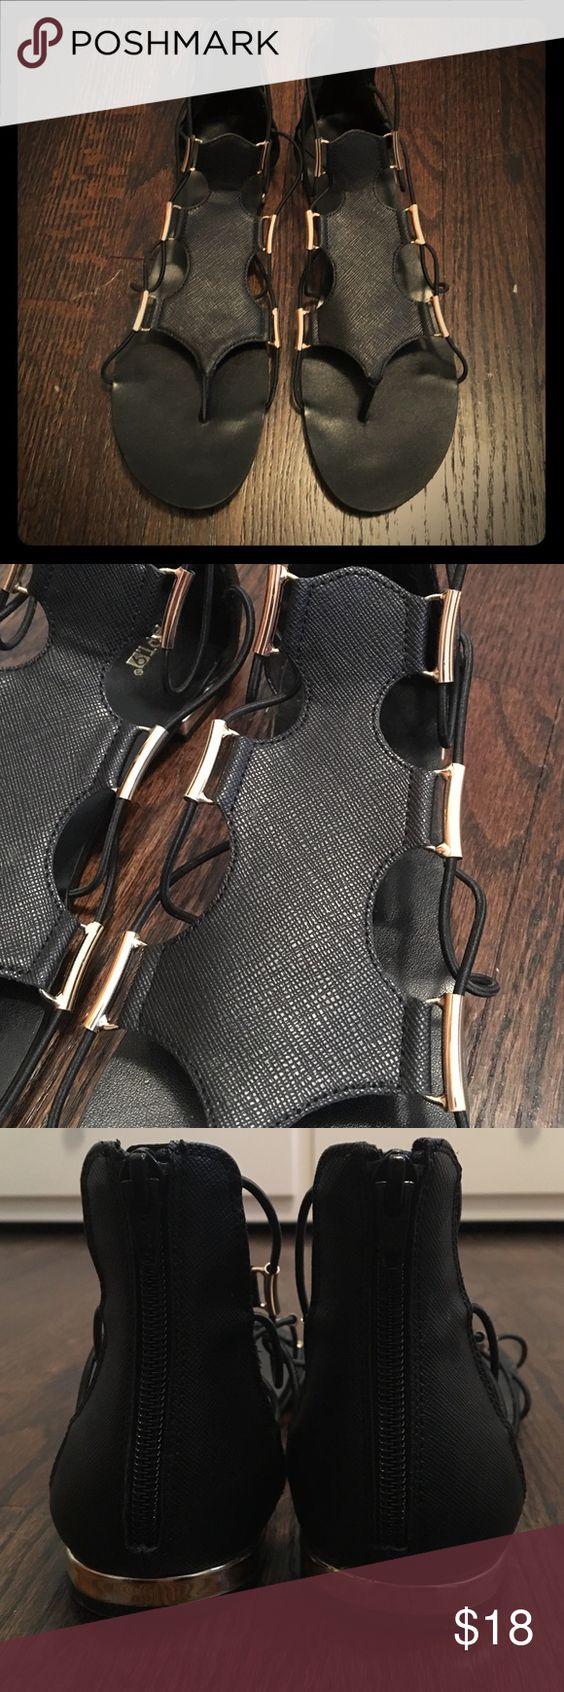 Black sandals gold bar - Apt 9 Black Gladiator Sandals Excellent Condition Worn One Time Gold Bar Detailing On